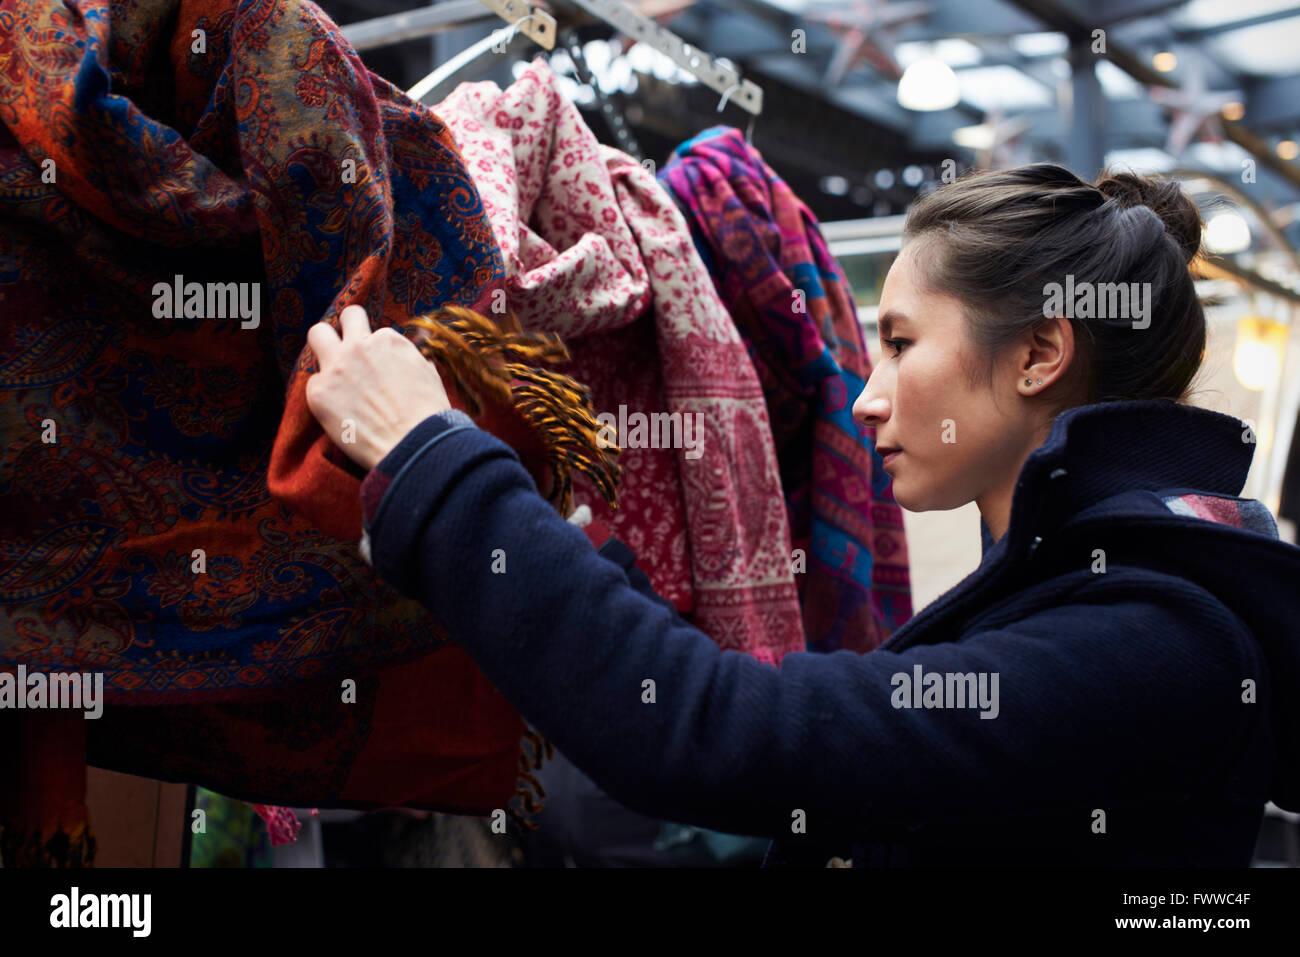 Jovem Mulher compras no Mercado Coberto Imagens de Stock